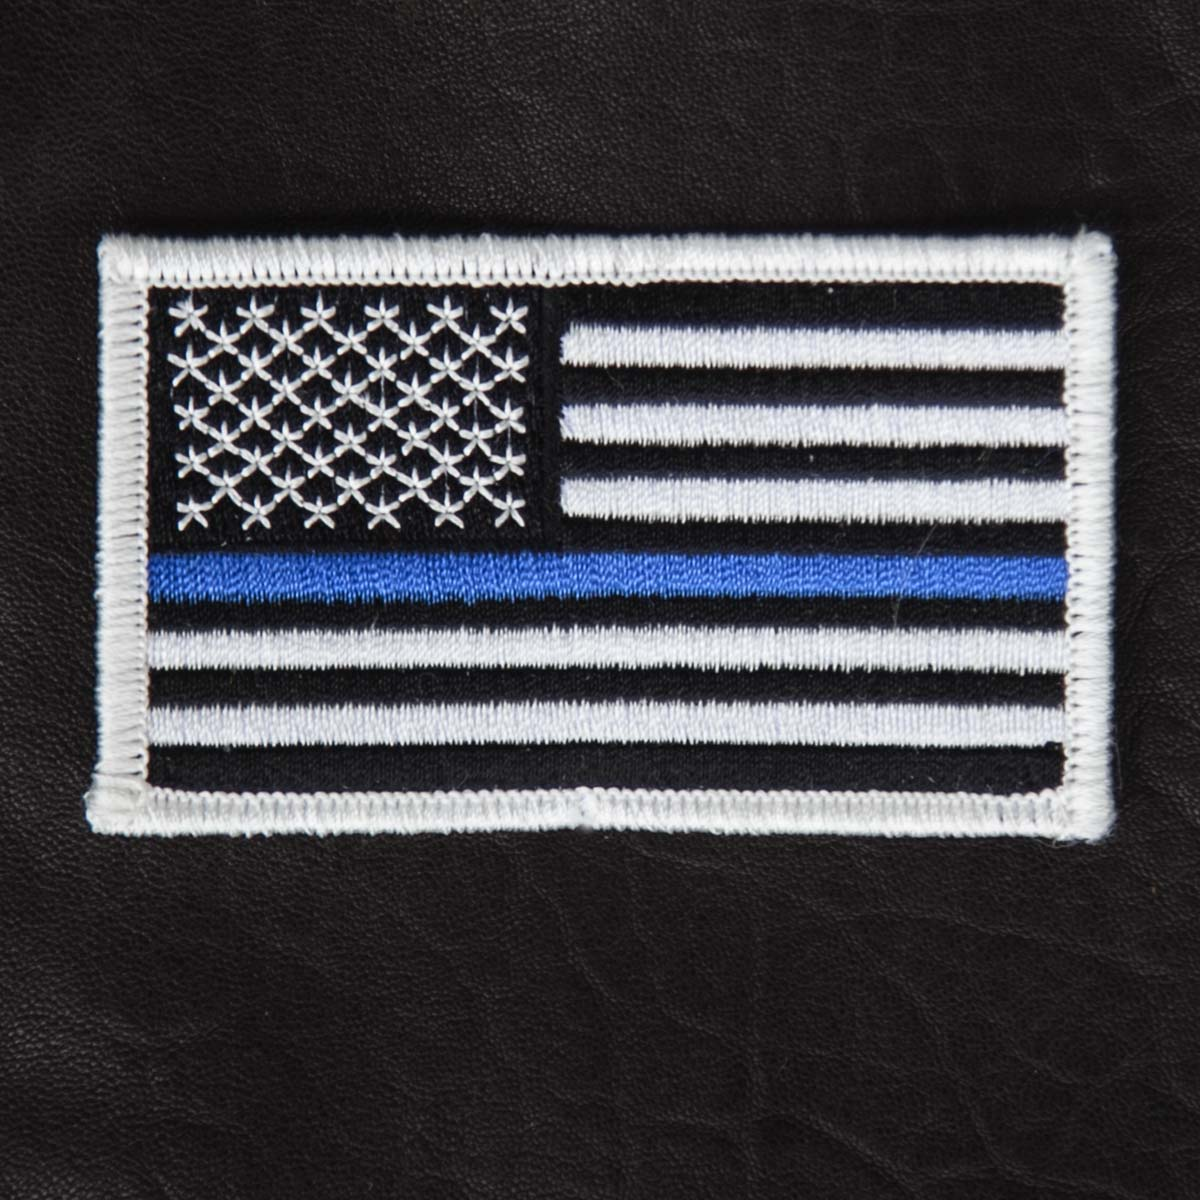 画像1: ワッペン アメリカ星条旗(ブルー・ブラック・ホワイト)/Patch